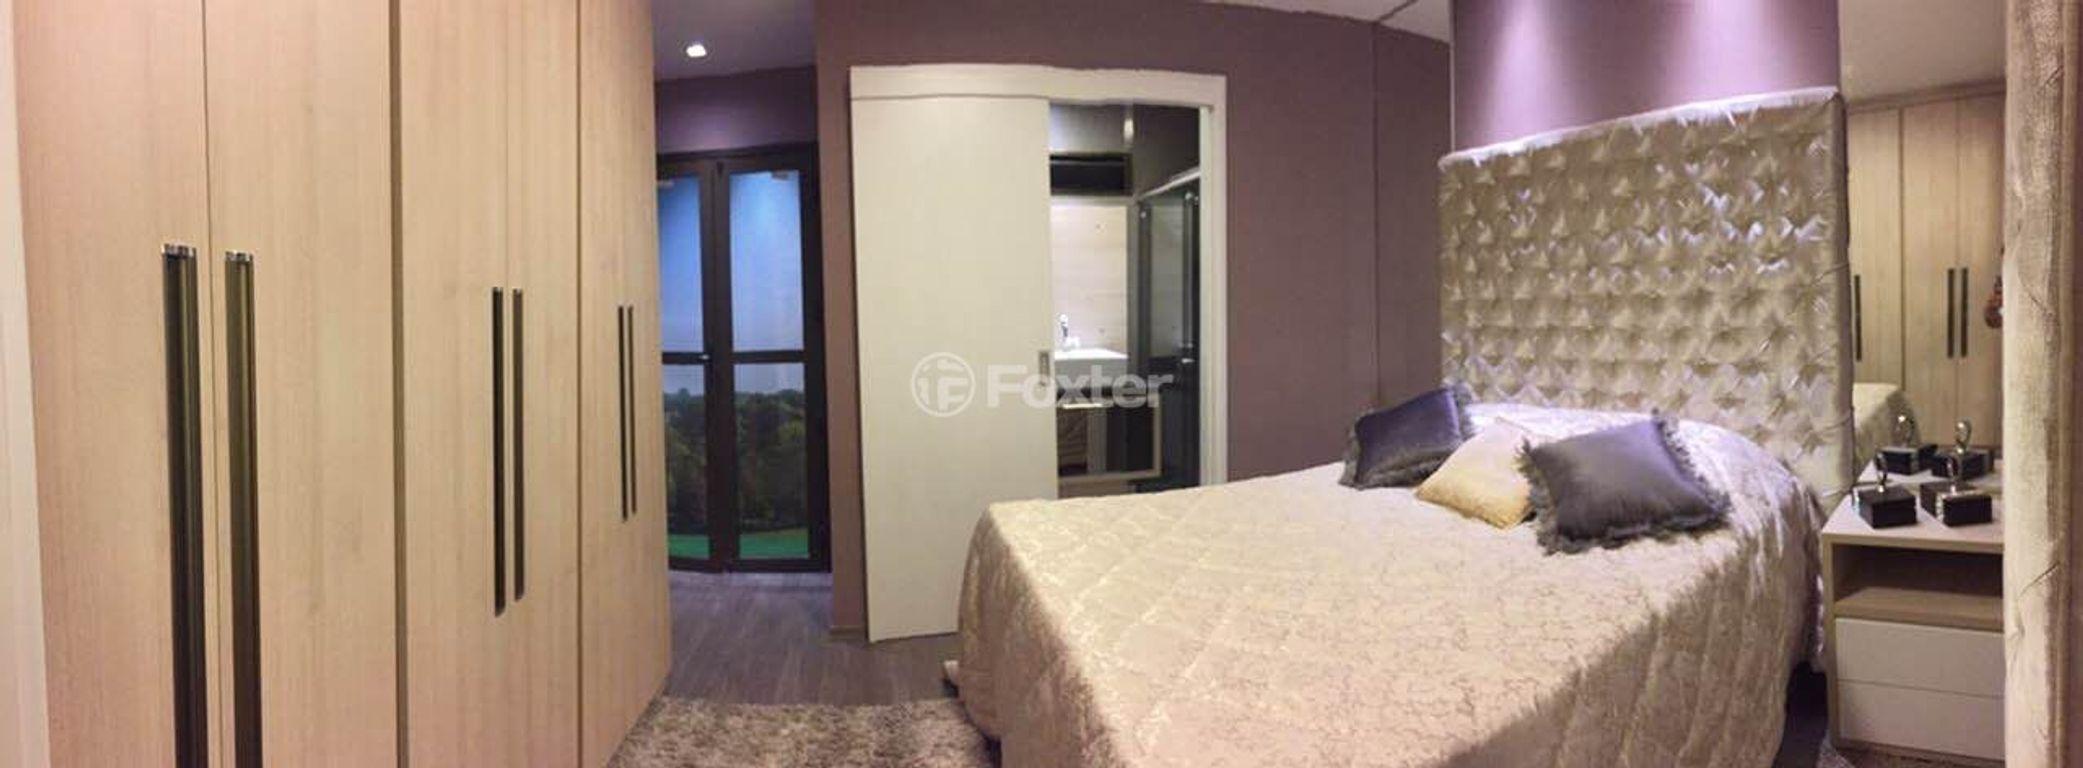 Casa 3 Dorm, Cristal, Porto Alegre (123580) - Foto 20